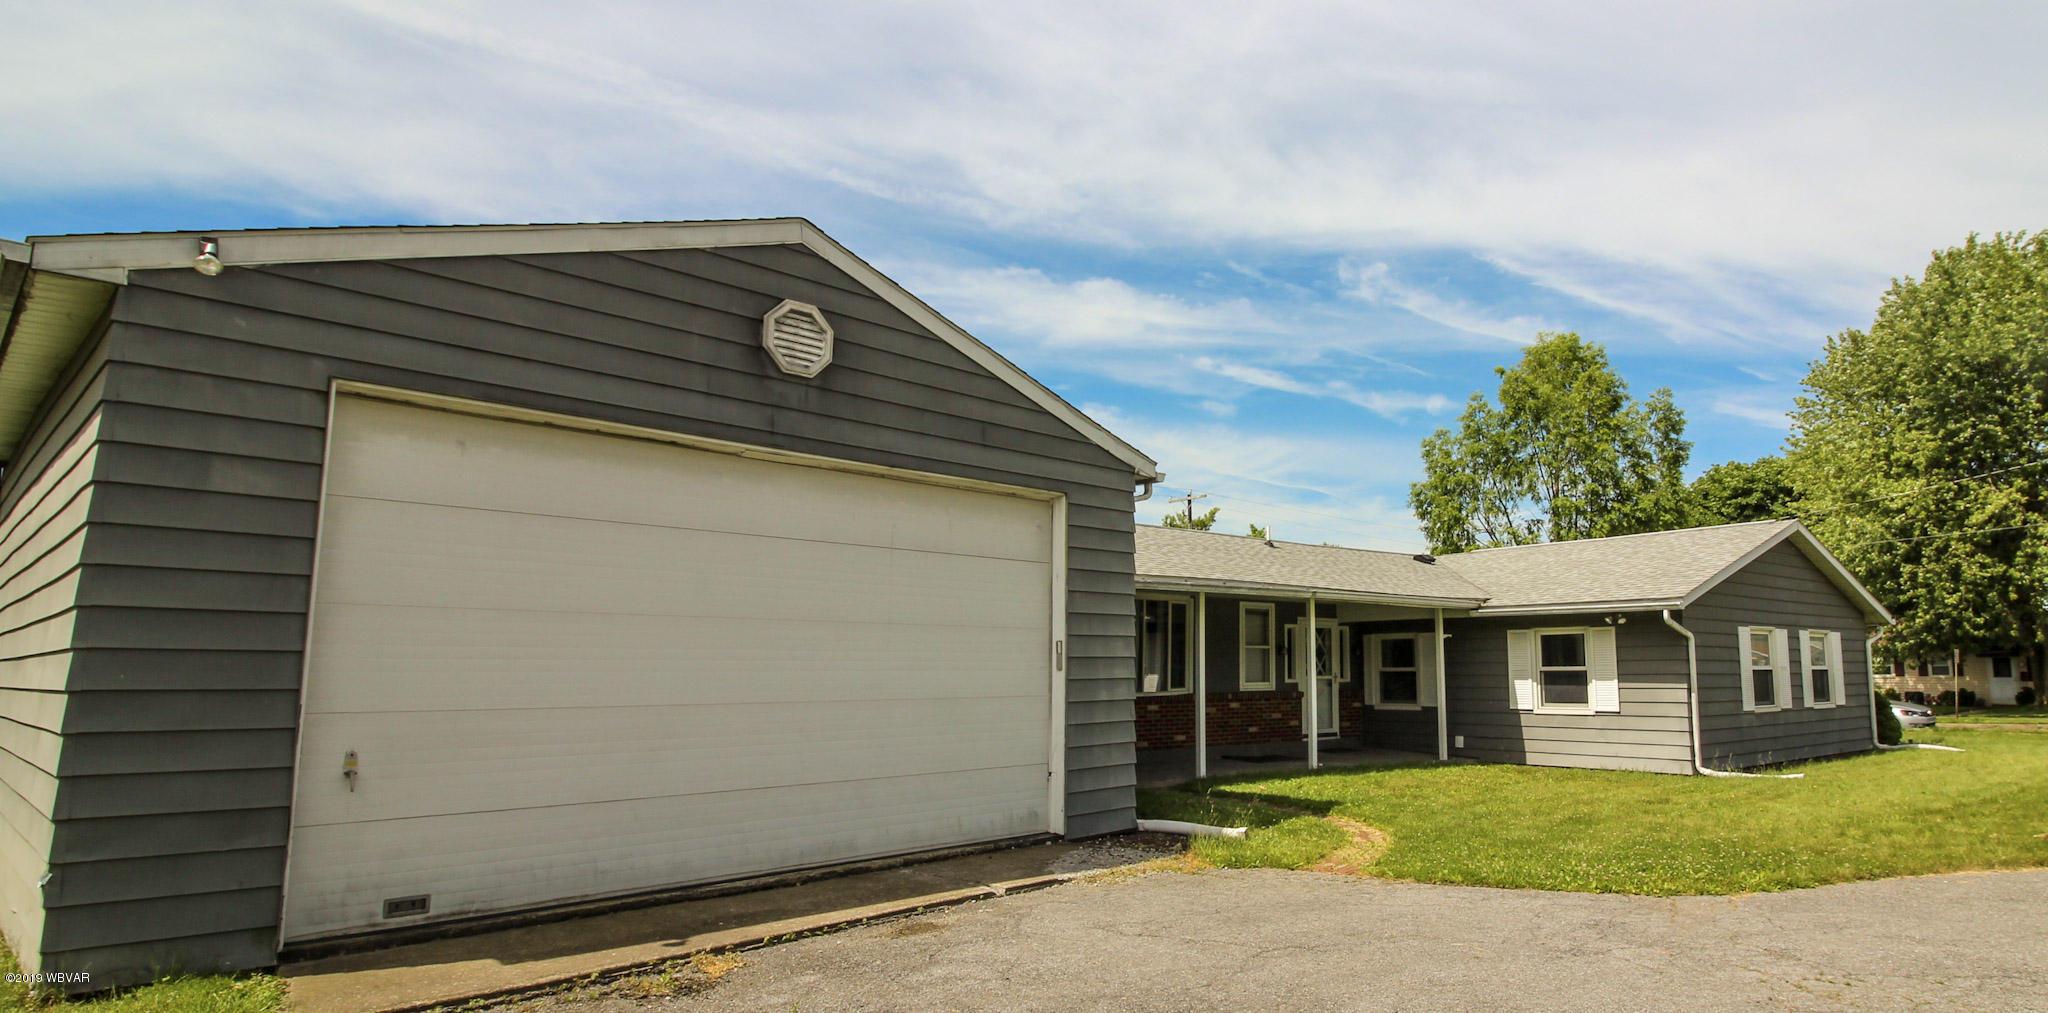 912 ALLEN STREET,Montoursville,PA 17754,3 Bedrooms Bedrooms,1.5 BathroomsBathrooms,Residential,ALLEN,WB-87625